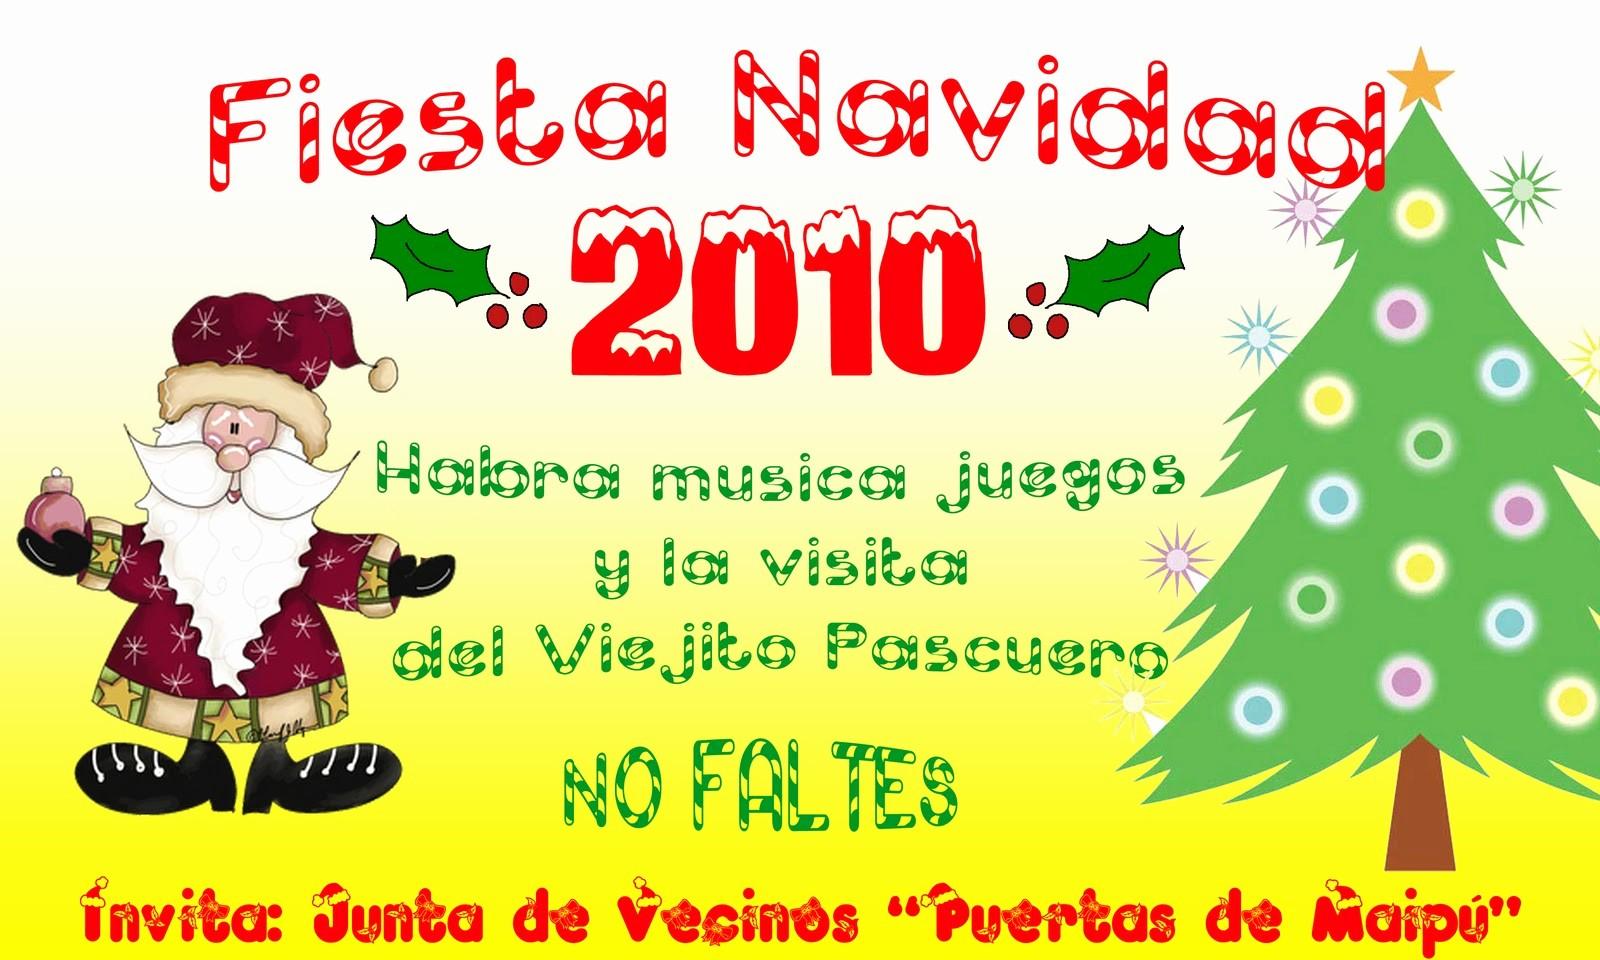 Invitacion Para Fiesta De Navidad Lovely isión Cultura Y Recreación Invitación Fiesta Navideña 2010